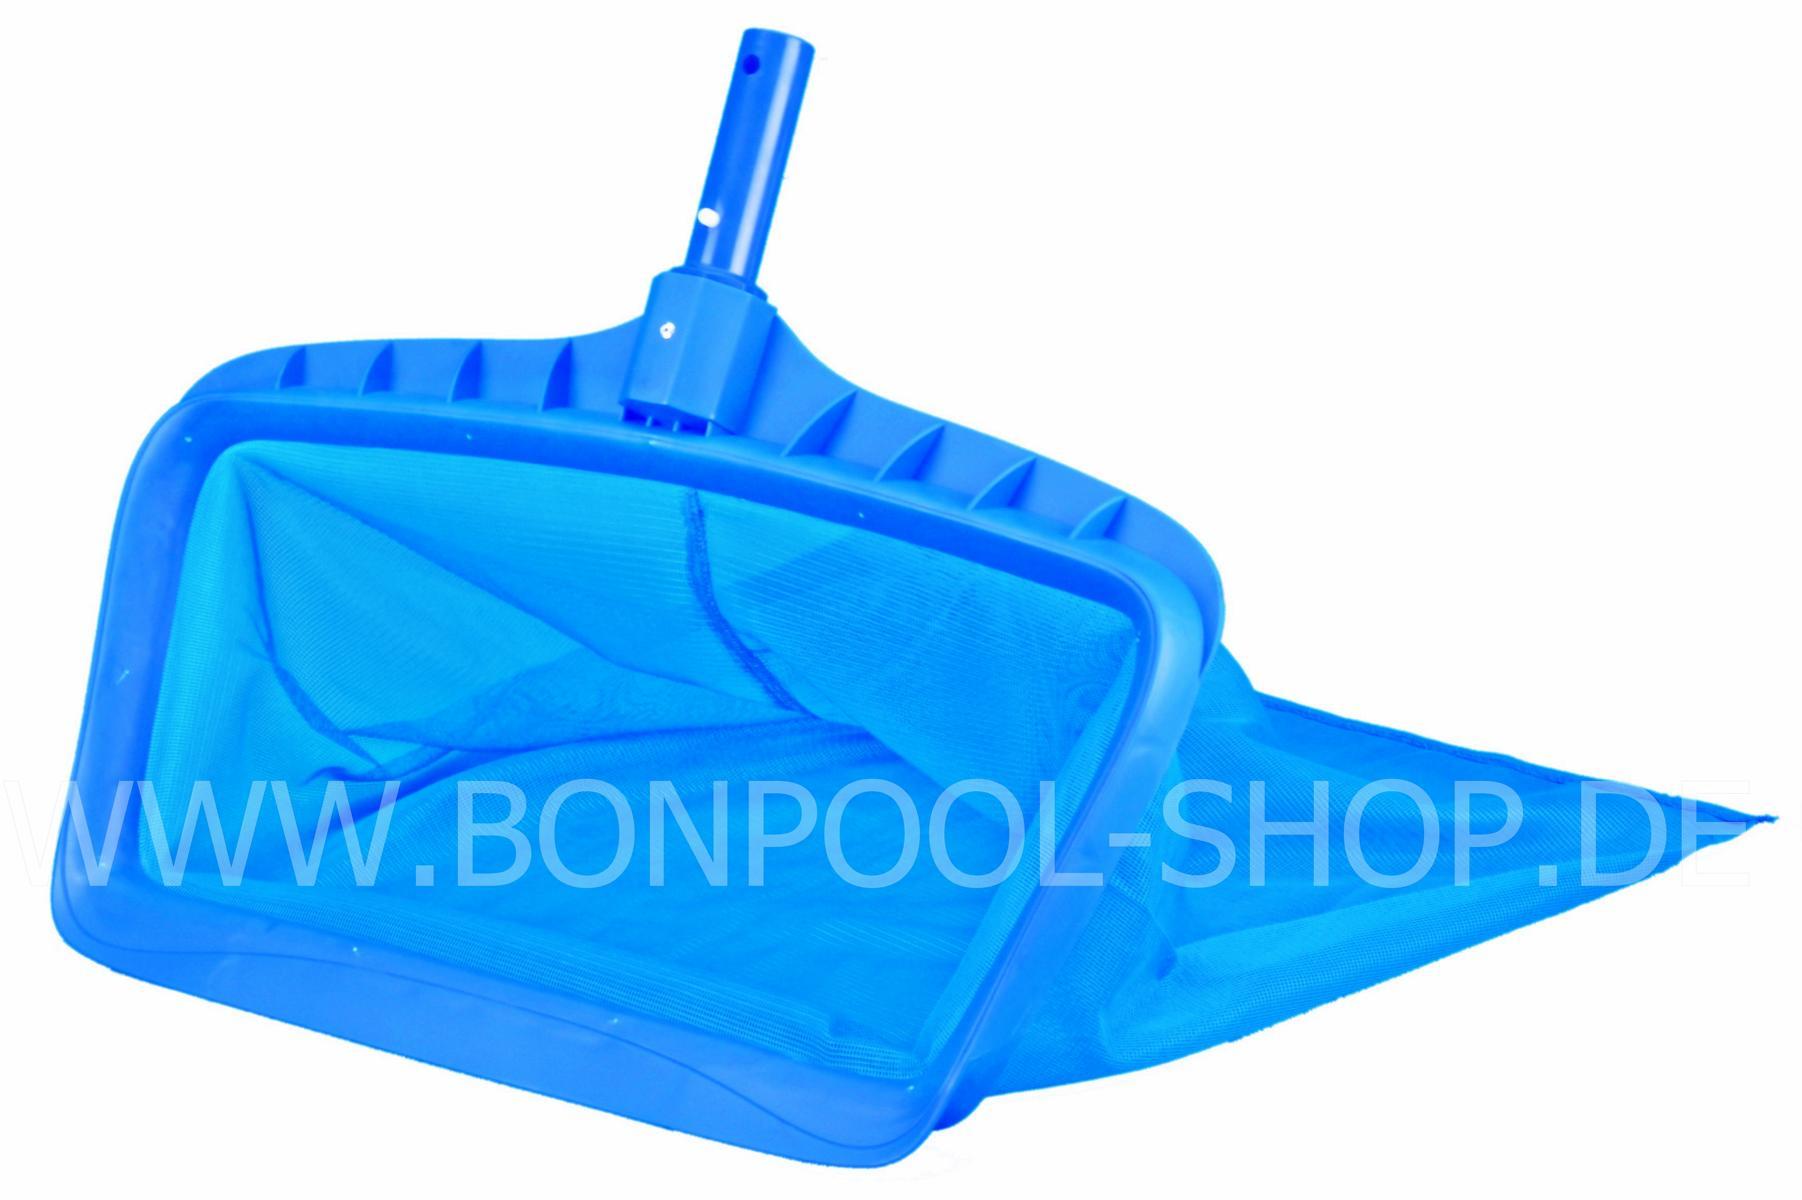 pool reinigungsset kaufen | pool profi 24 intex reinigungsset deluxe